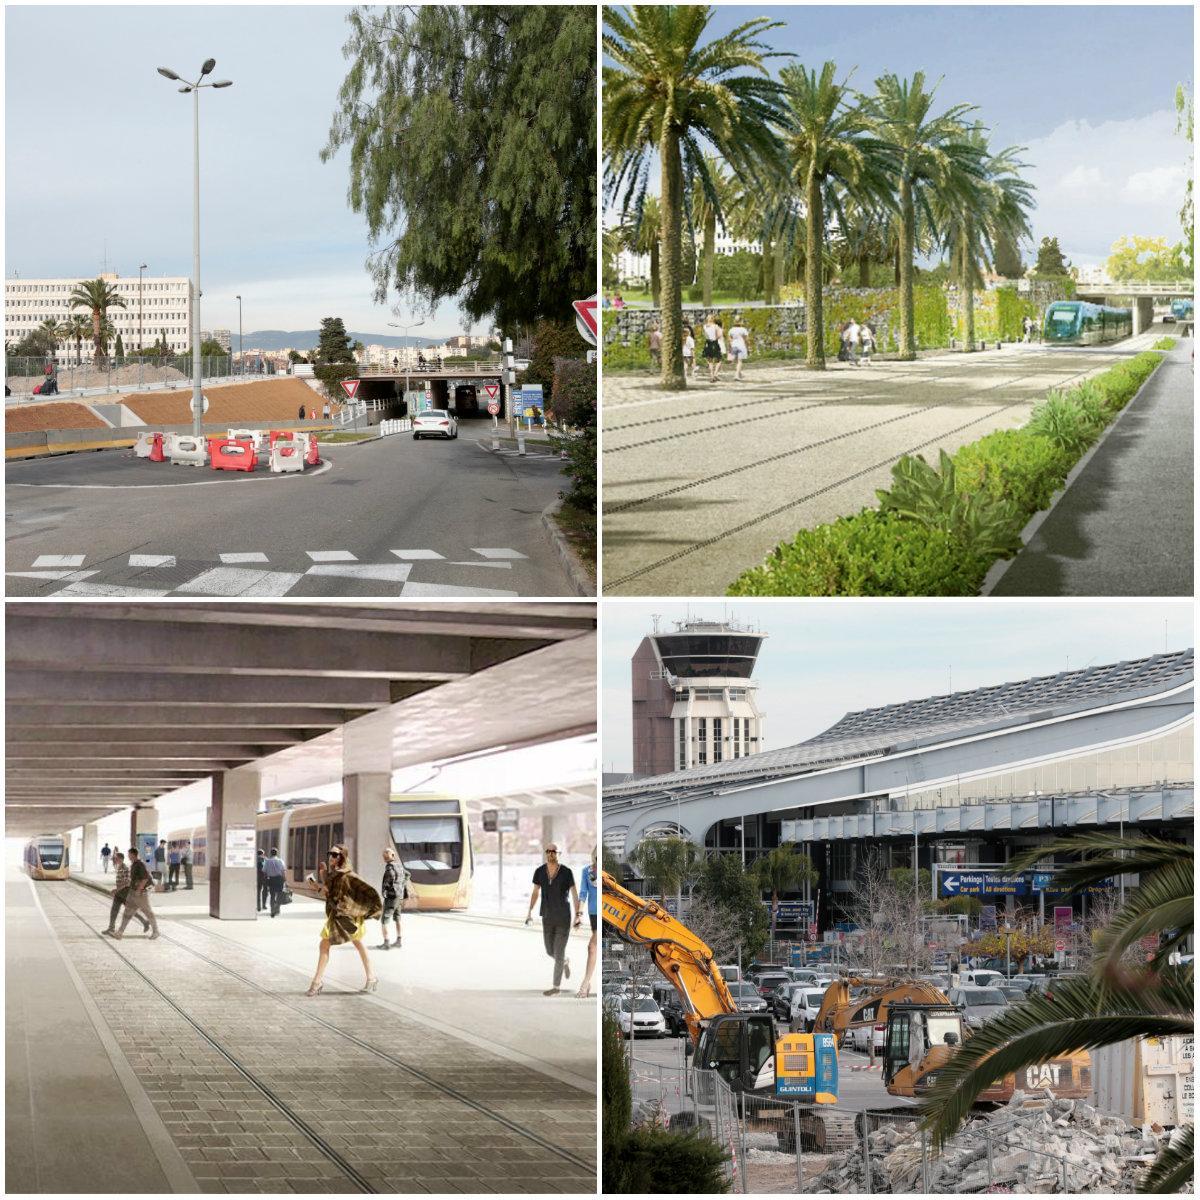 Après trois ans de travaux, l'arrivée du tramway aura transformé l'actuel accès au terminal 1 par l'avenue Lindbergh, sous la promenade des Anglais Au terminal 2, les voyageurs seront directement connectés au centre-ville en 20 minutes de trajet 3.